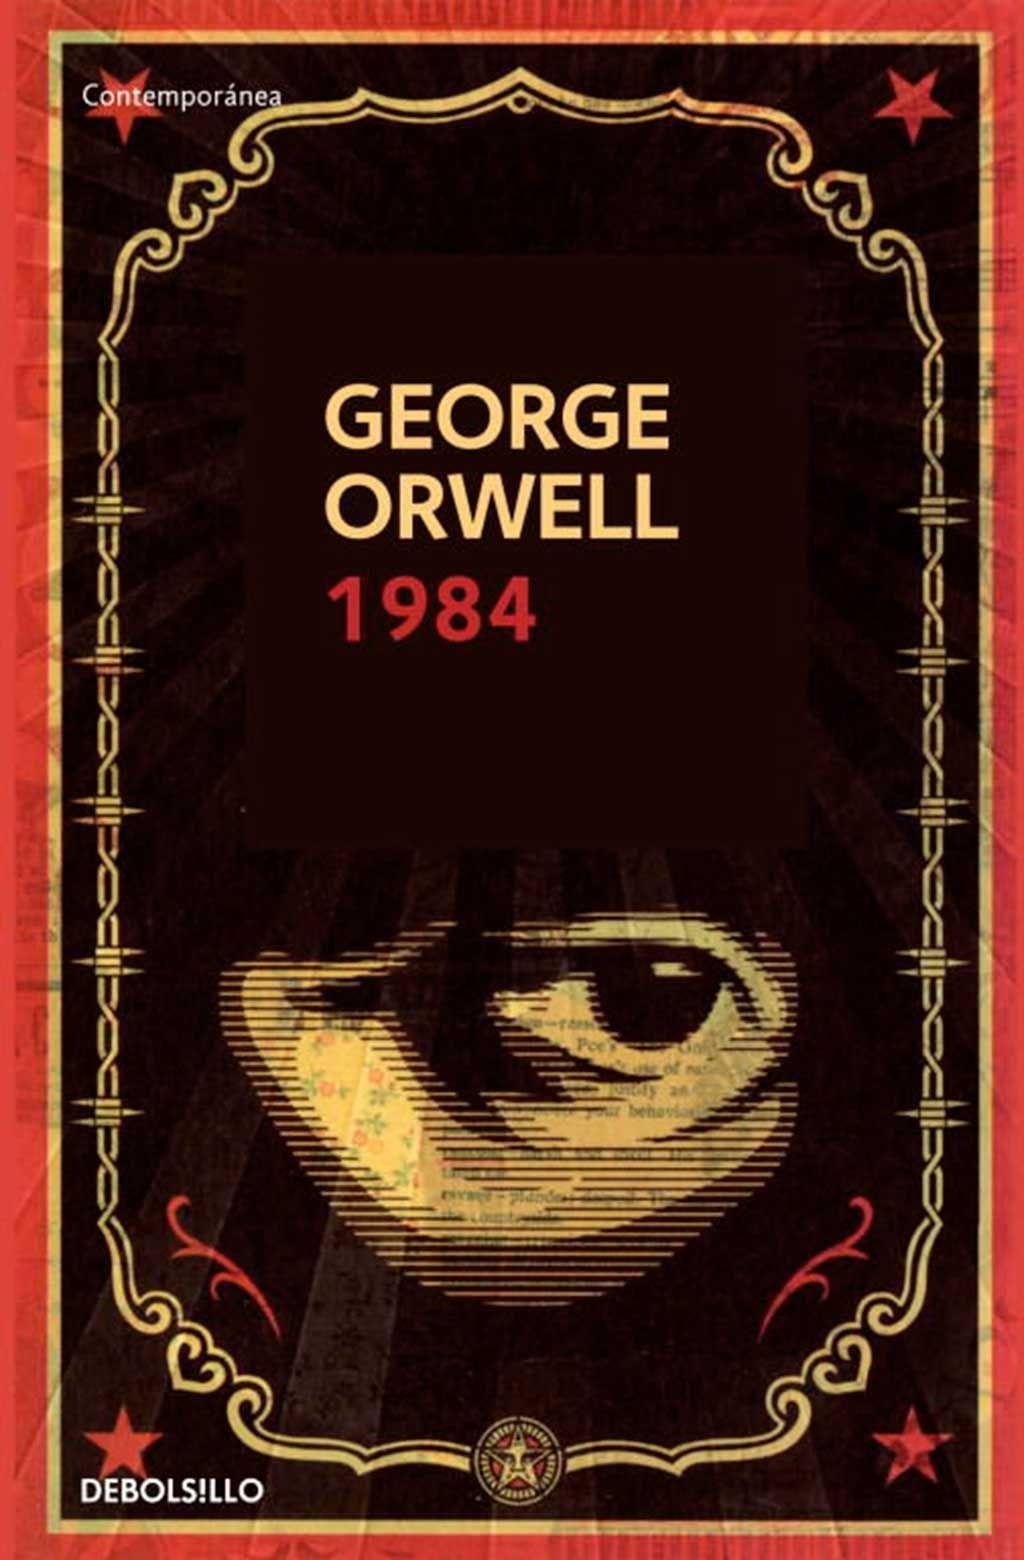 20 Libros Para Leer Antes De Los 20 George Orwell George Orwell 1984 Orwell